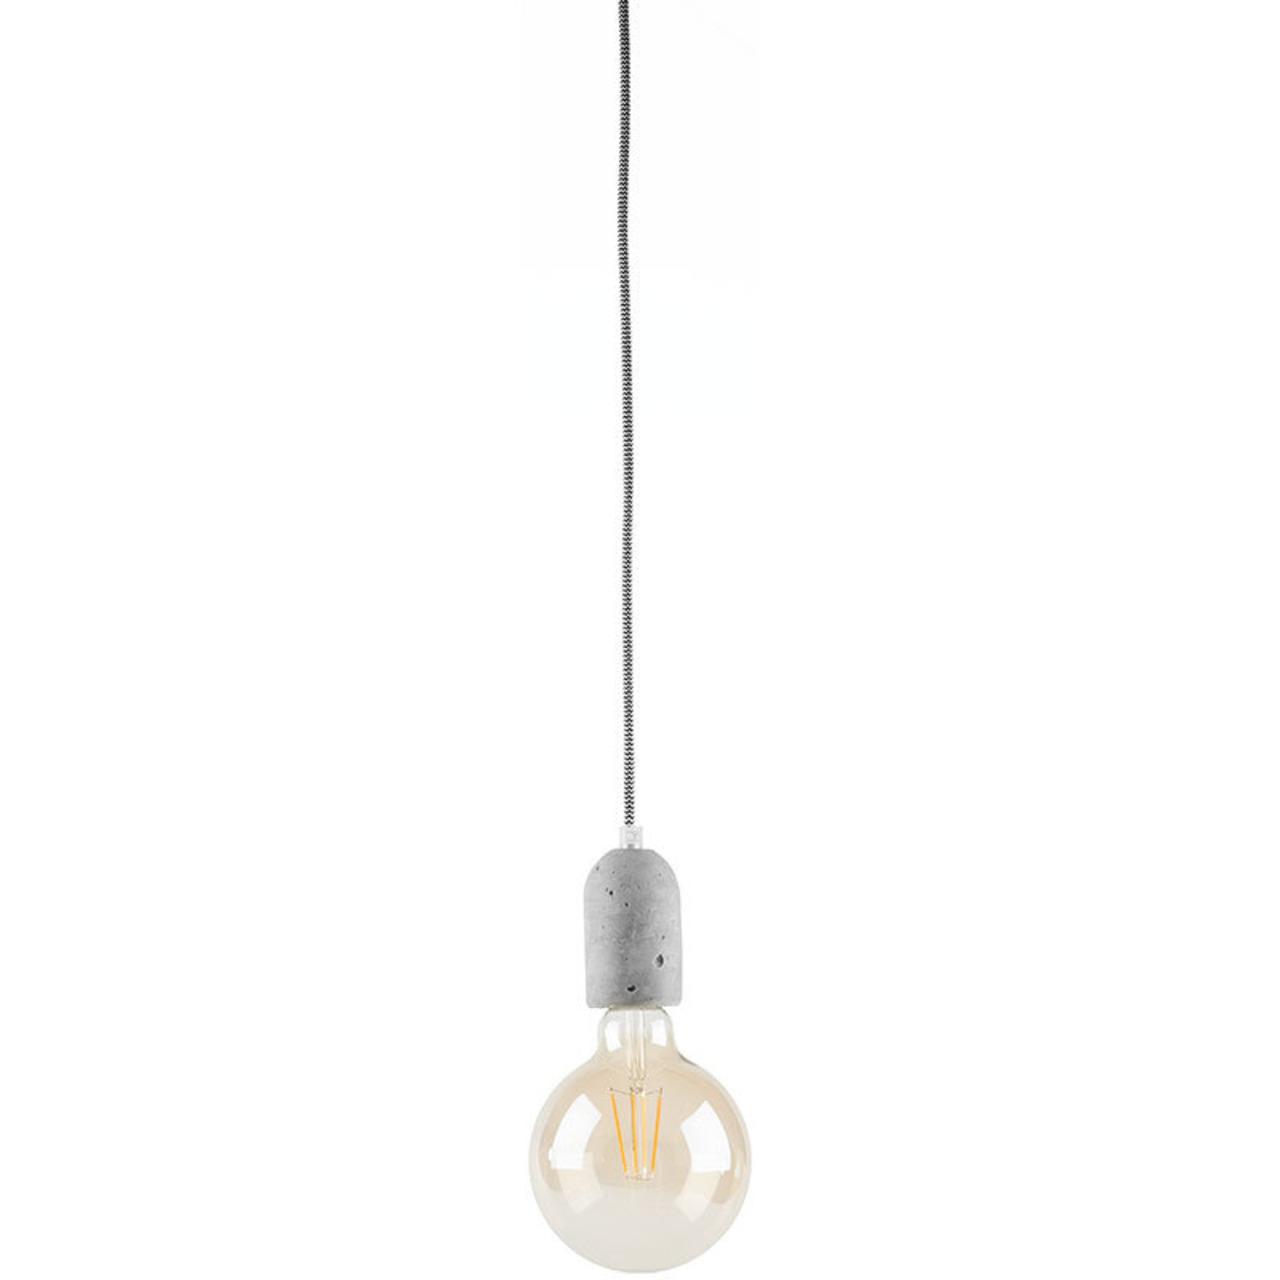 LEDmaxx Beton-Lampenfassung mit Textilkabel (schwarz-weiss) und Baldachin